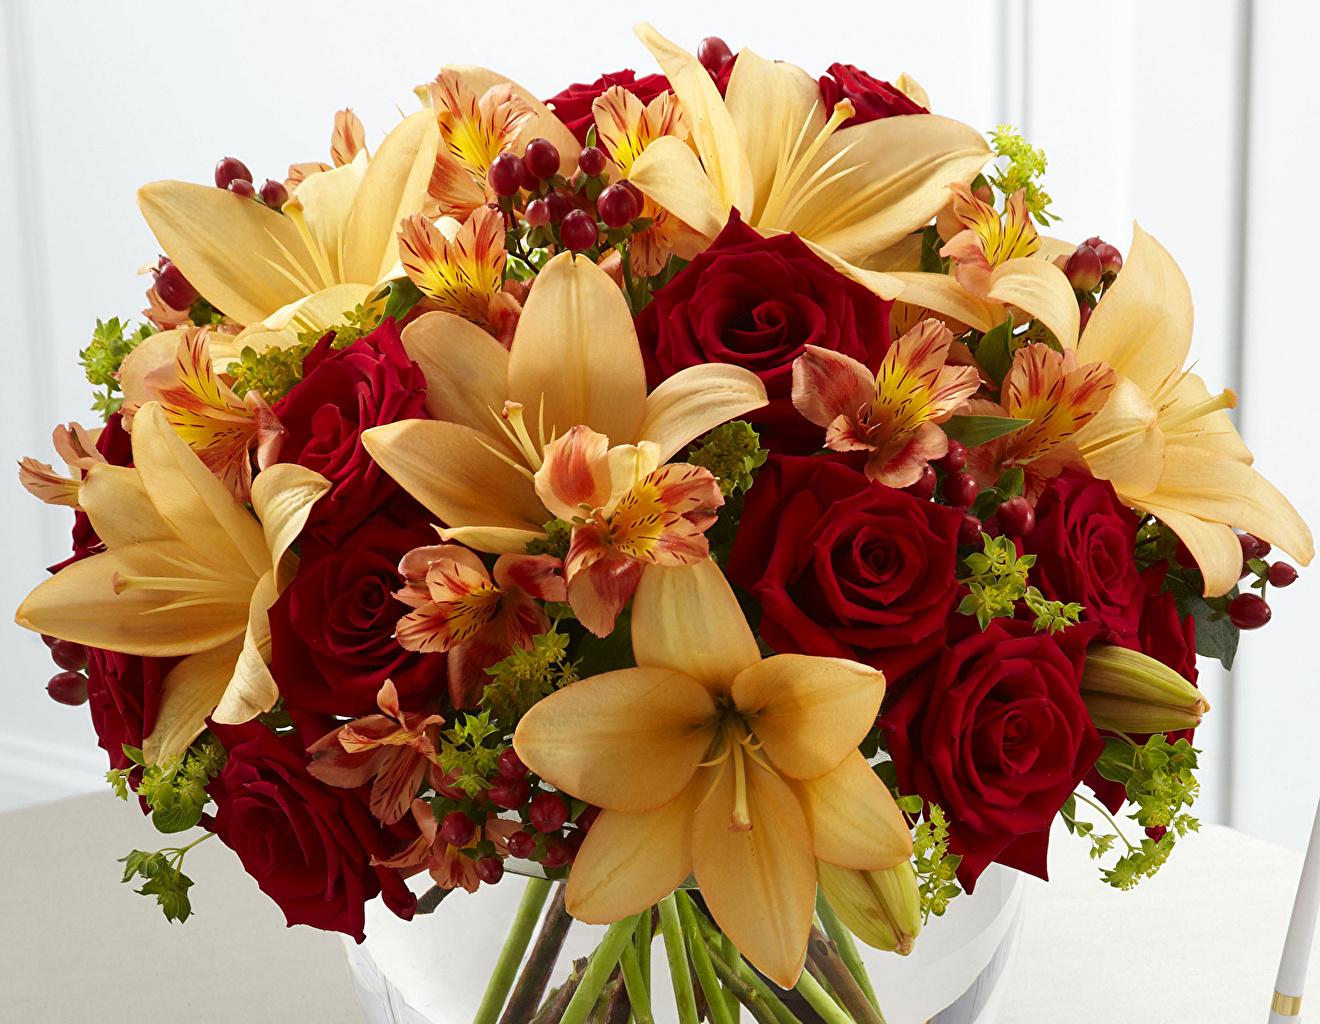 Фото цветов лилии и роз